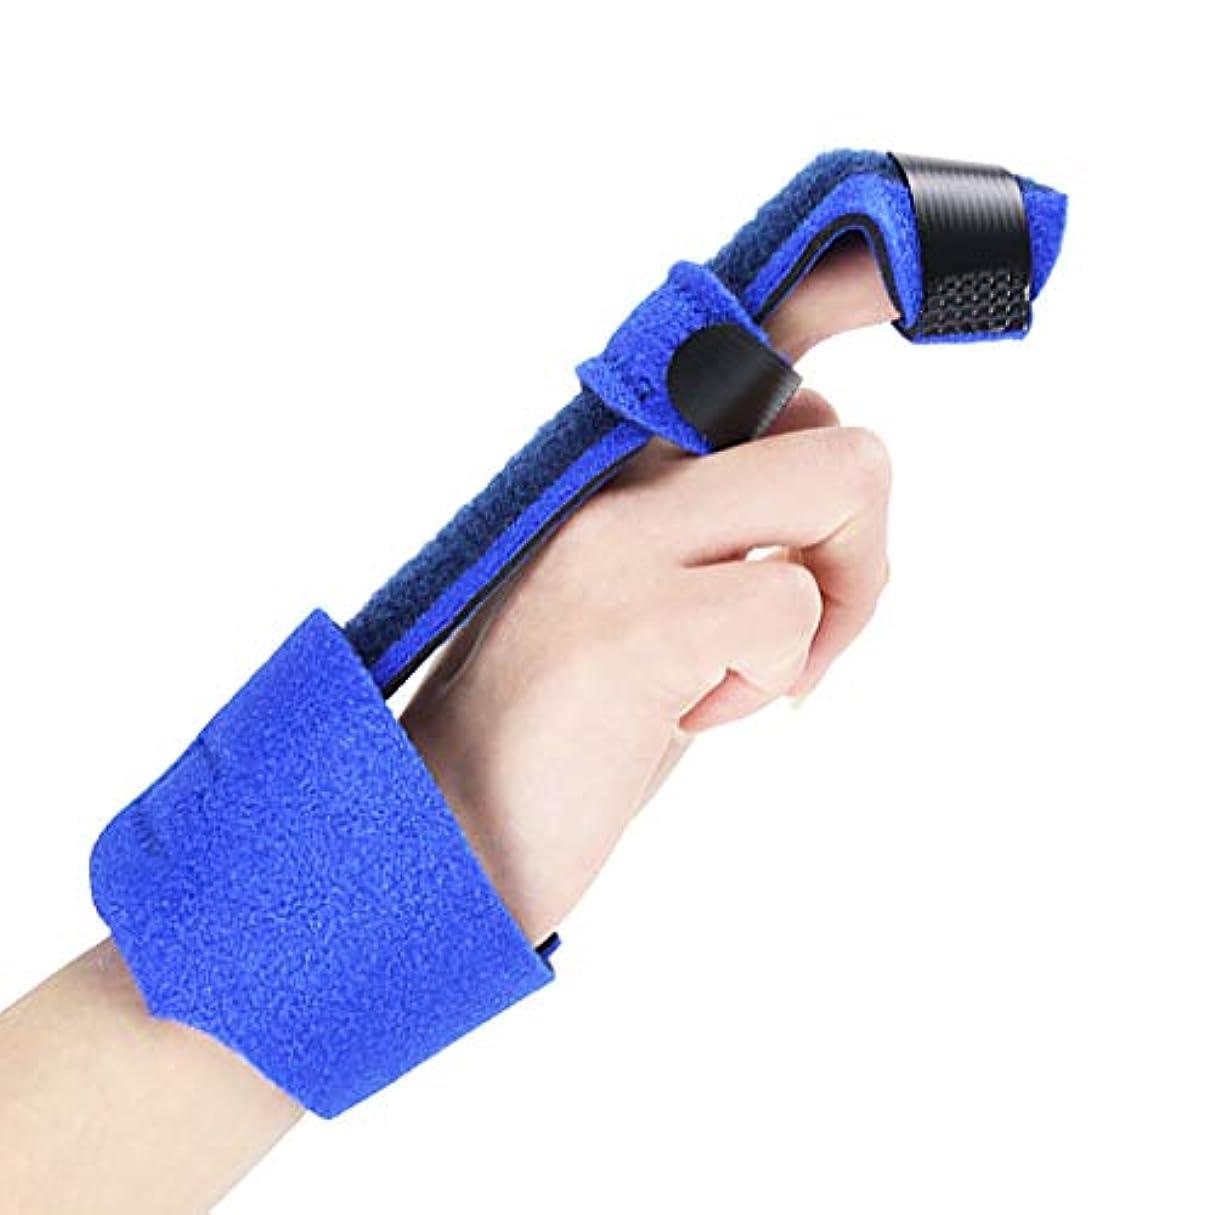 地雷原間暴動指の装具 - 調節可能な指の救助のリハビリテーションのベルト、関節炎の腱炎の捻挫の苦痛固定副木のリハビリテーション装置,1pcs